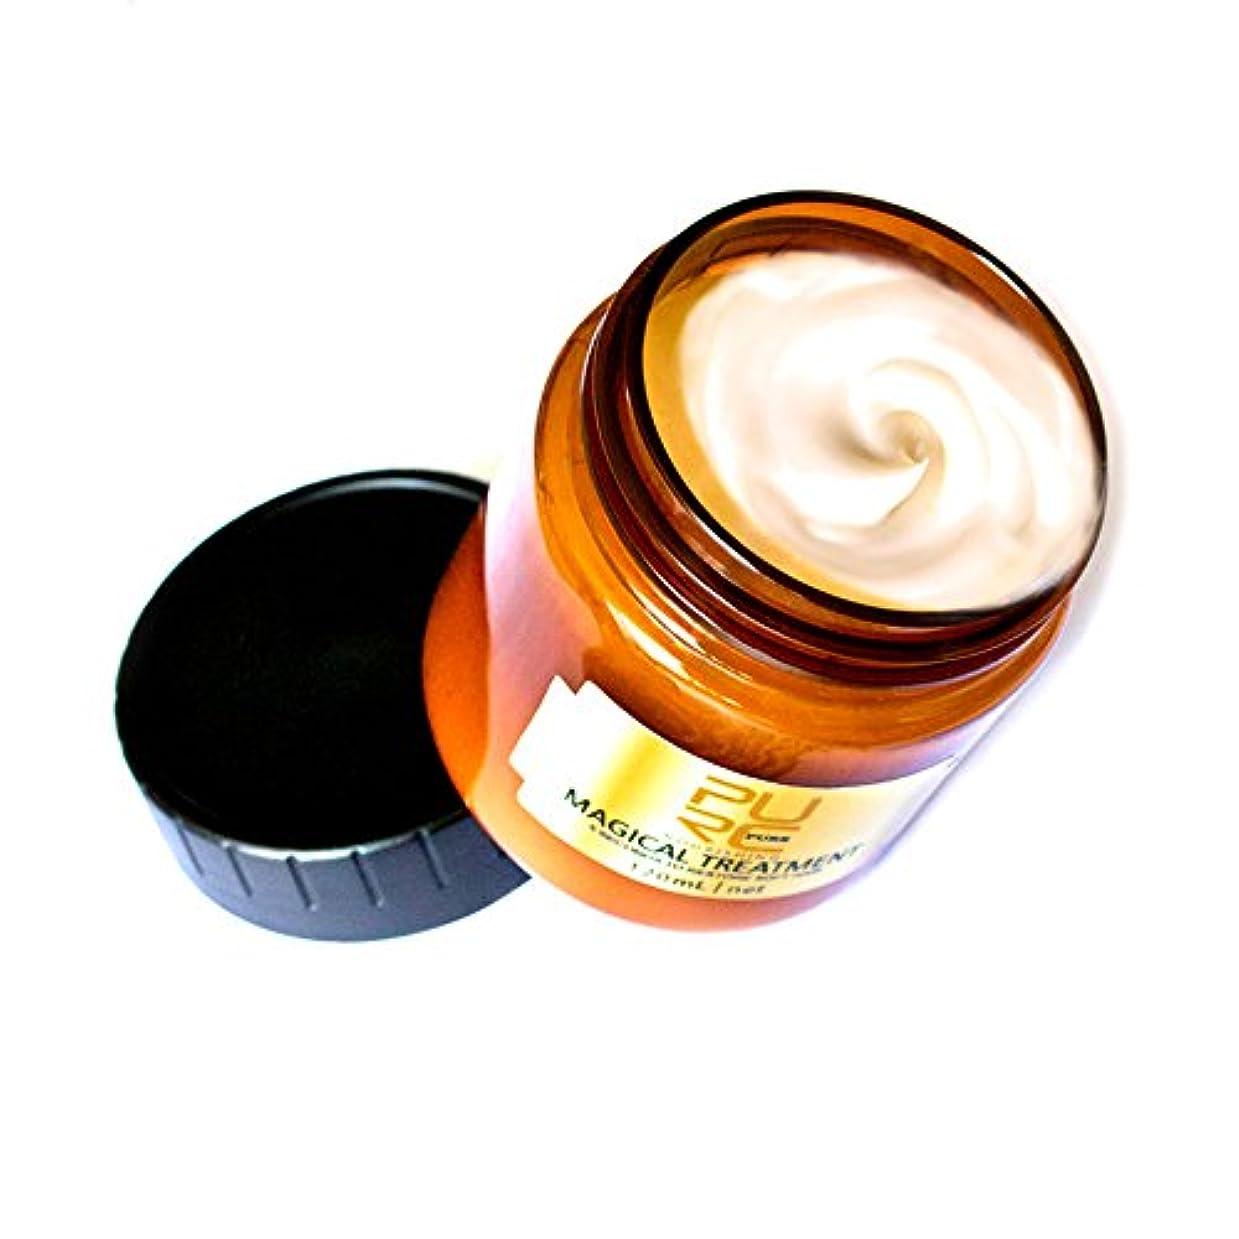 トークン私達健全魔法のヘアマスク 先端技術 ケラチン成分 柔軟栄養マスク 潤いツヤツヤヘア復元 クセダメージにおさまり集中ケア 毛先までケア カラーストレートパーマにオススメ 乾燥髪が硬い太い広がる人ぴったり パサつきがなくなり (60ml)